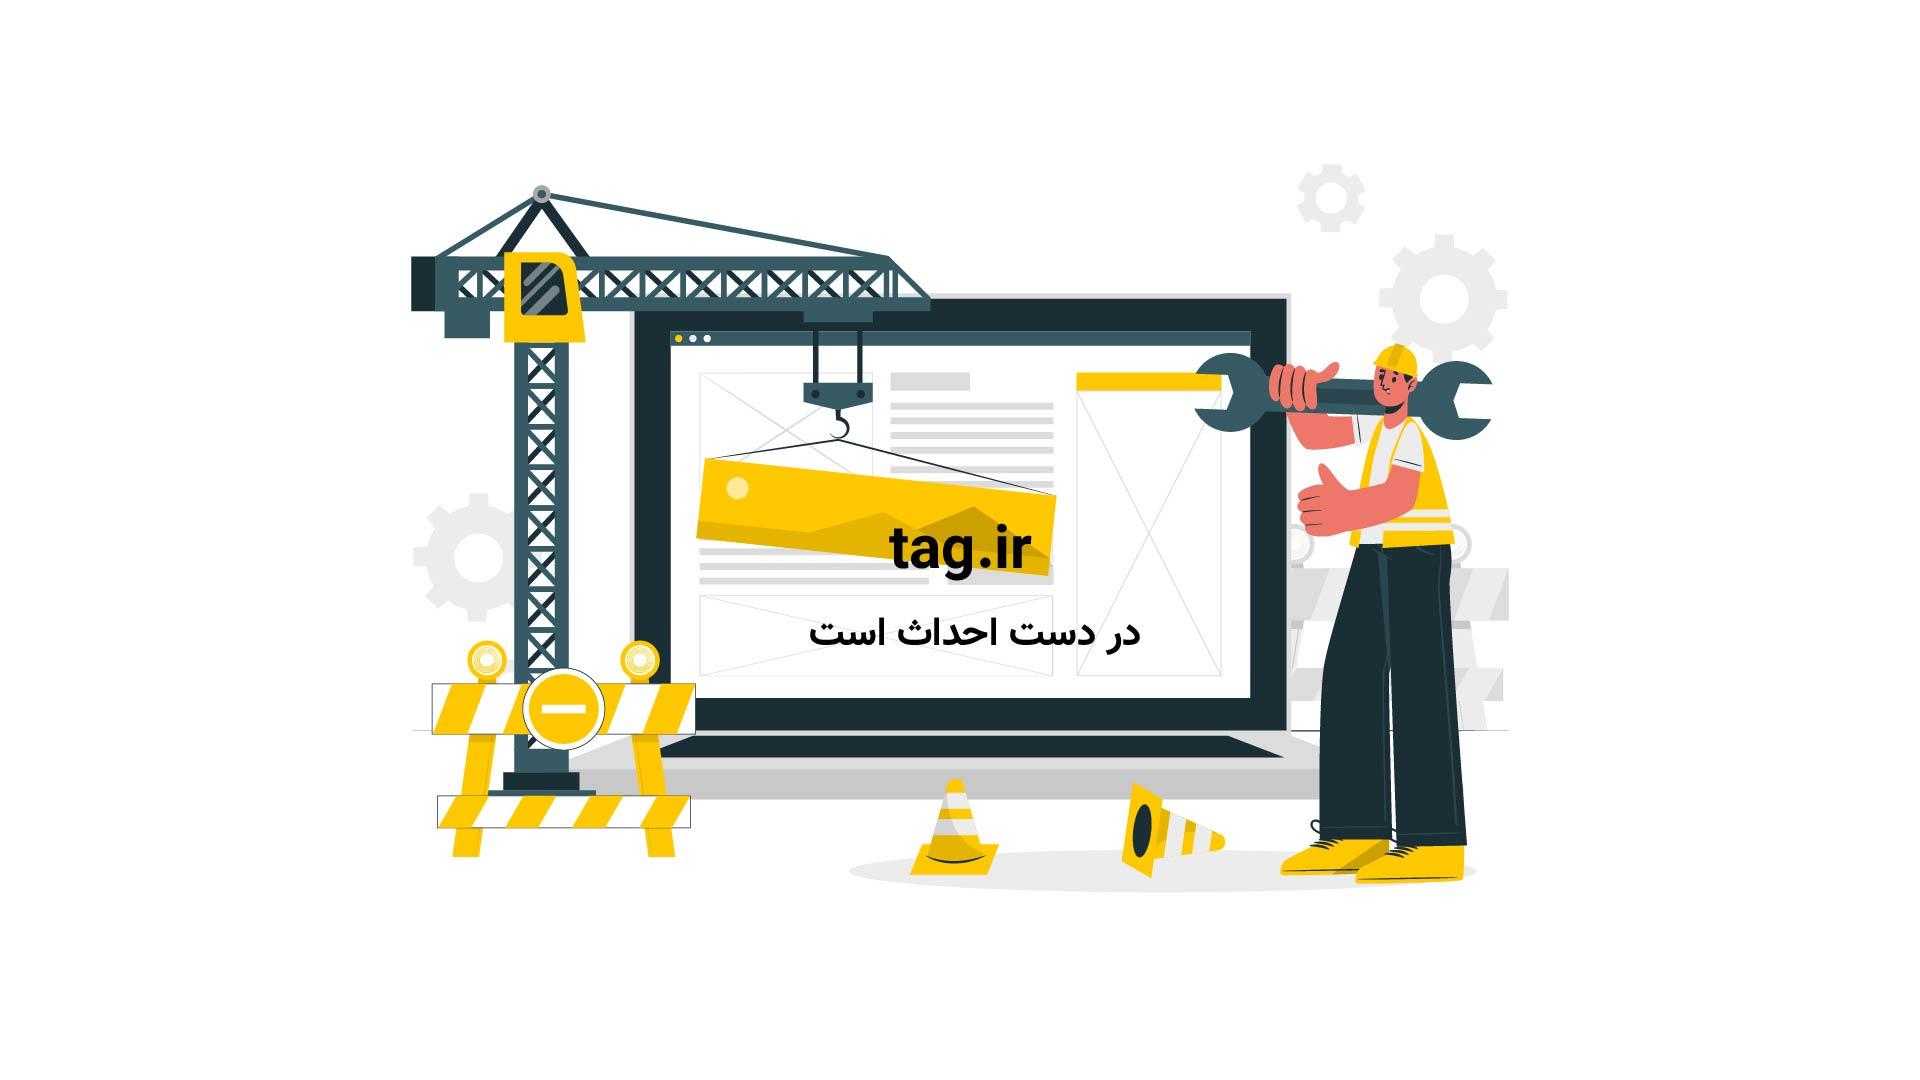 صحبتهای محمدرضا شریفینیا راجع به شایعات مربوط به باند بازیاش در سینما | فیلم